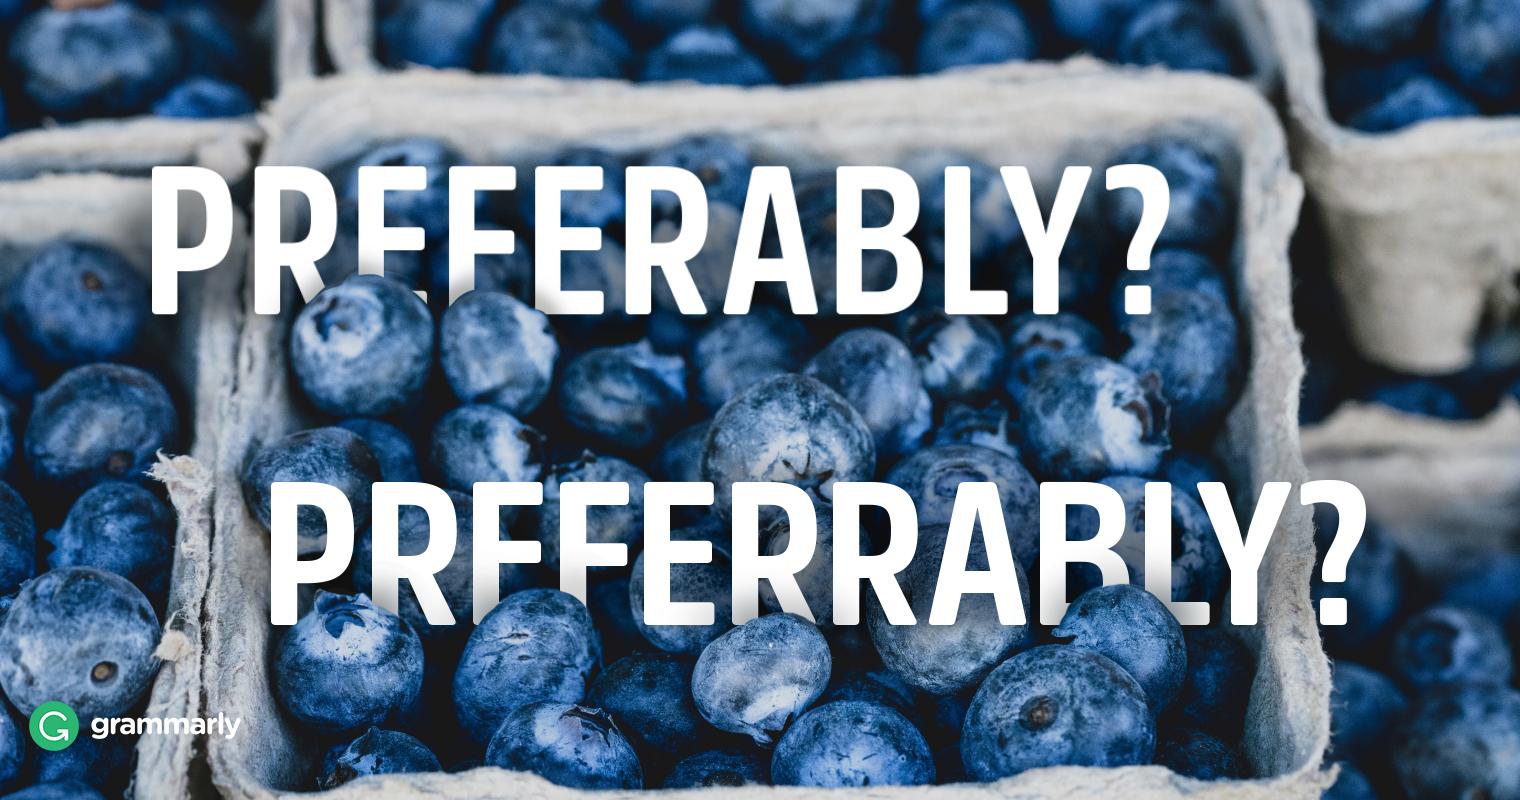 """Is it """"Preferably"""" or """"Preferrably?"""""""